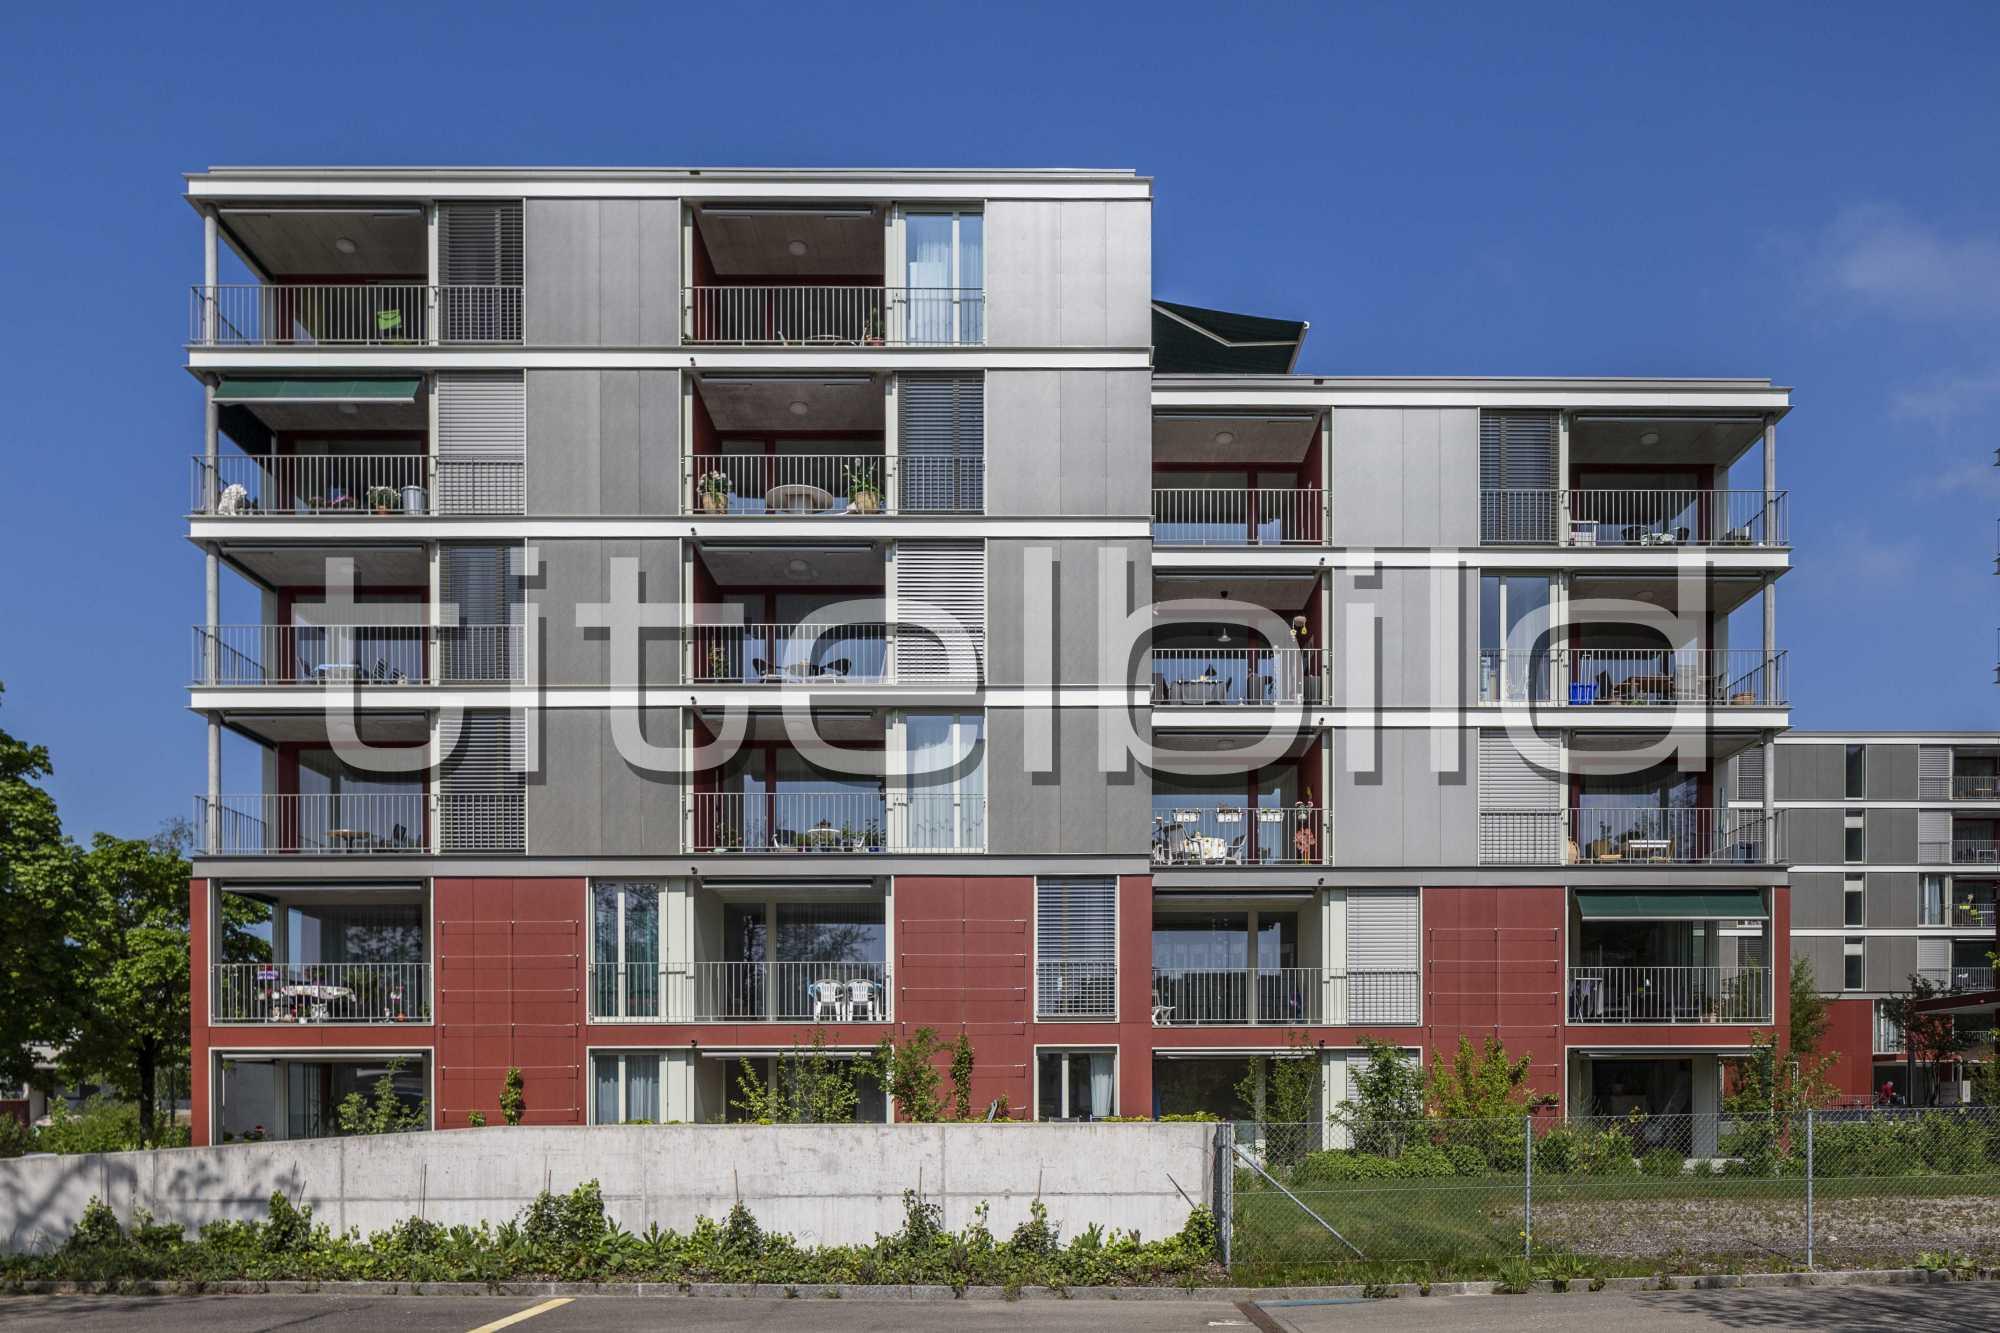 Projektbild-Nr. 7: Wohnüberbauung Sulperg 2